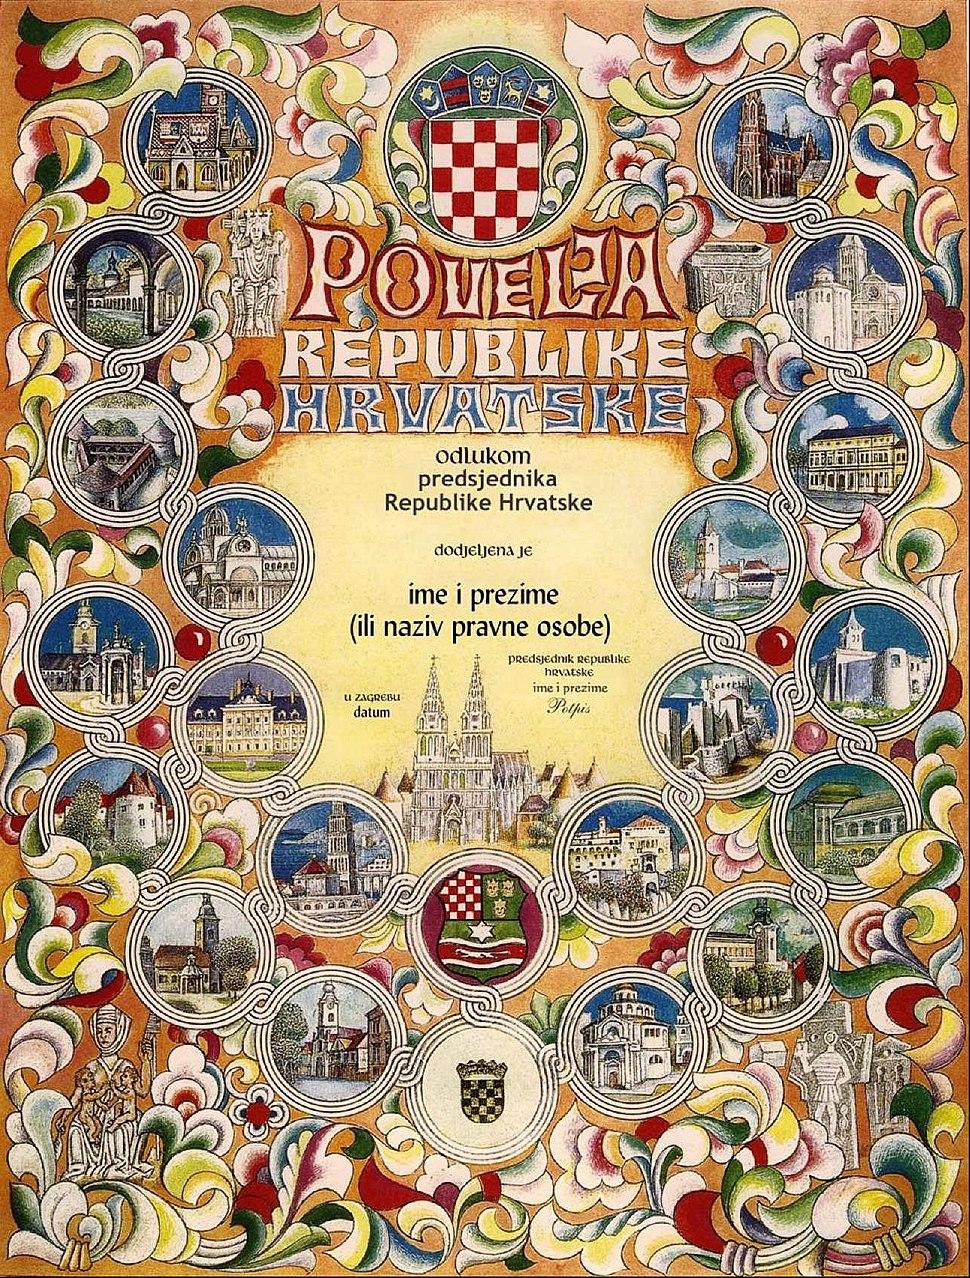 Povelja Republike Hrvatske